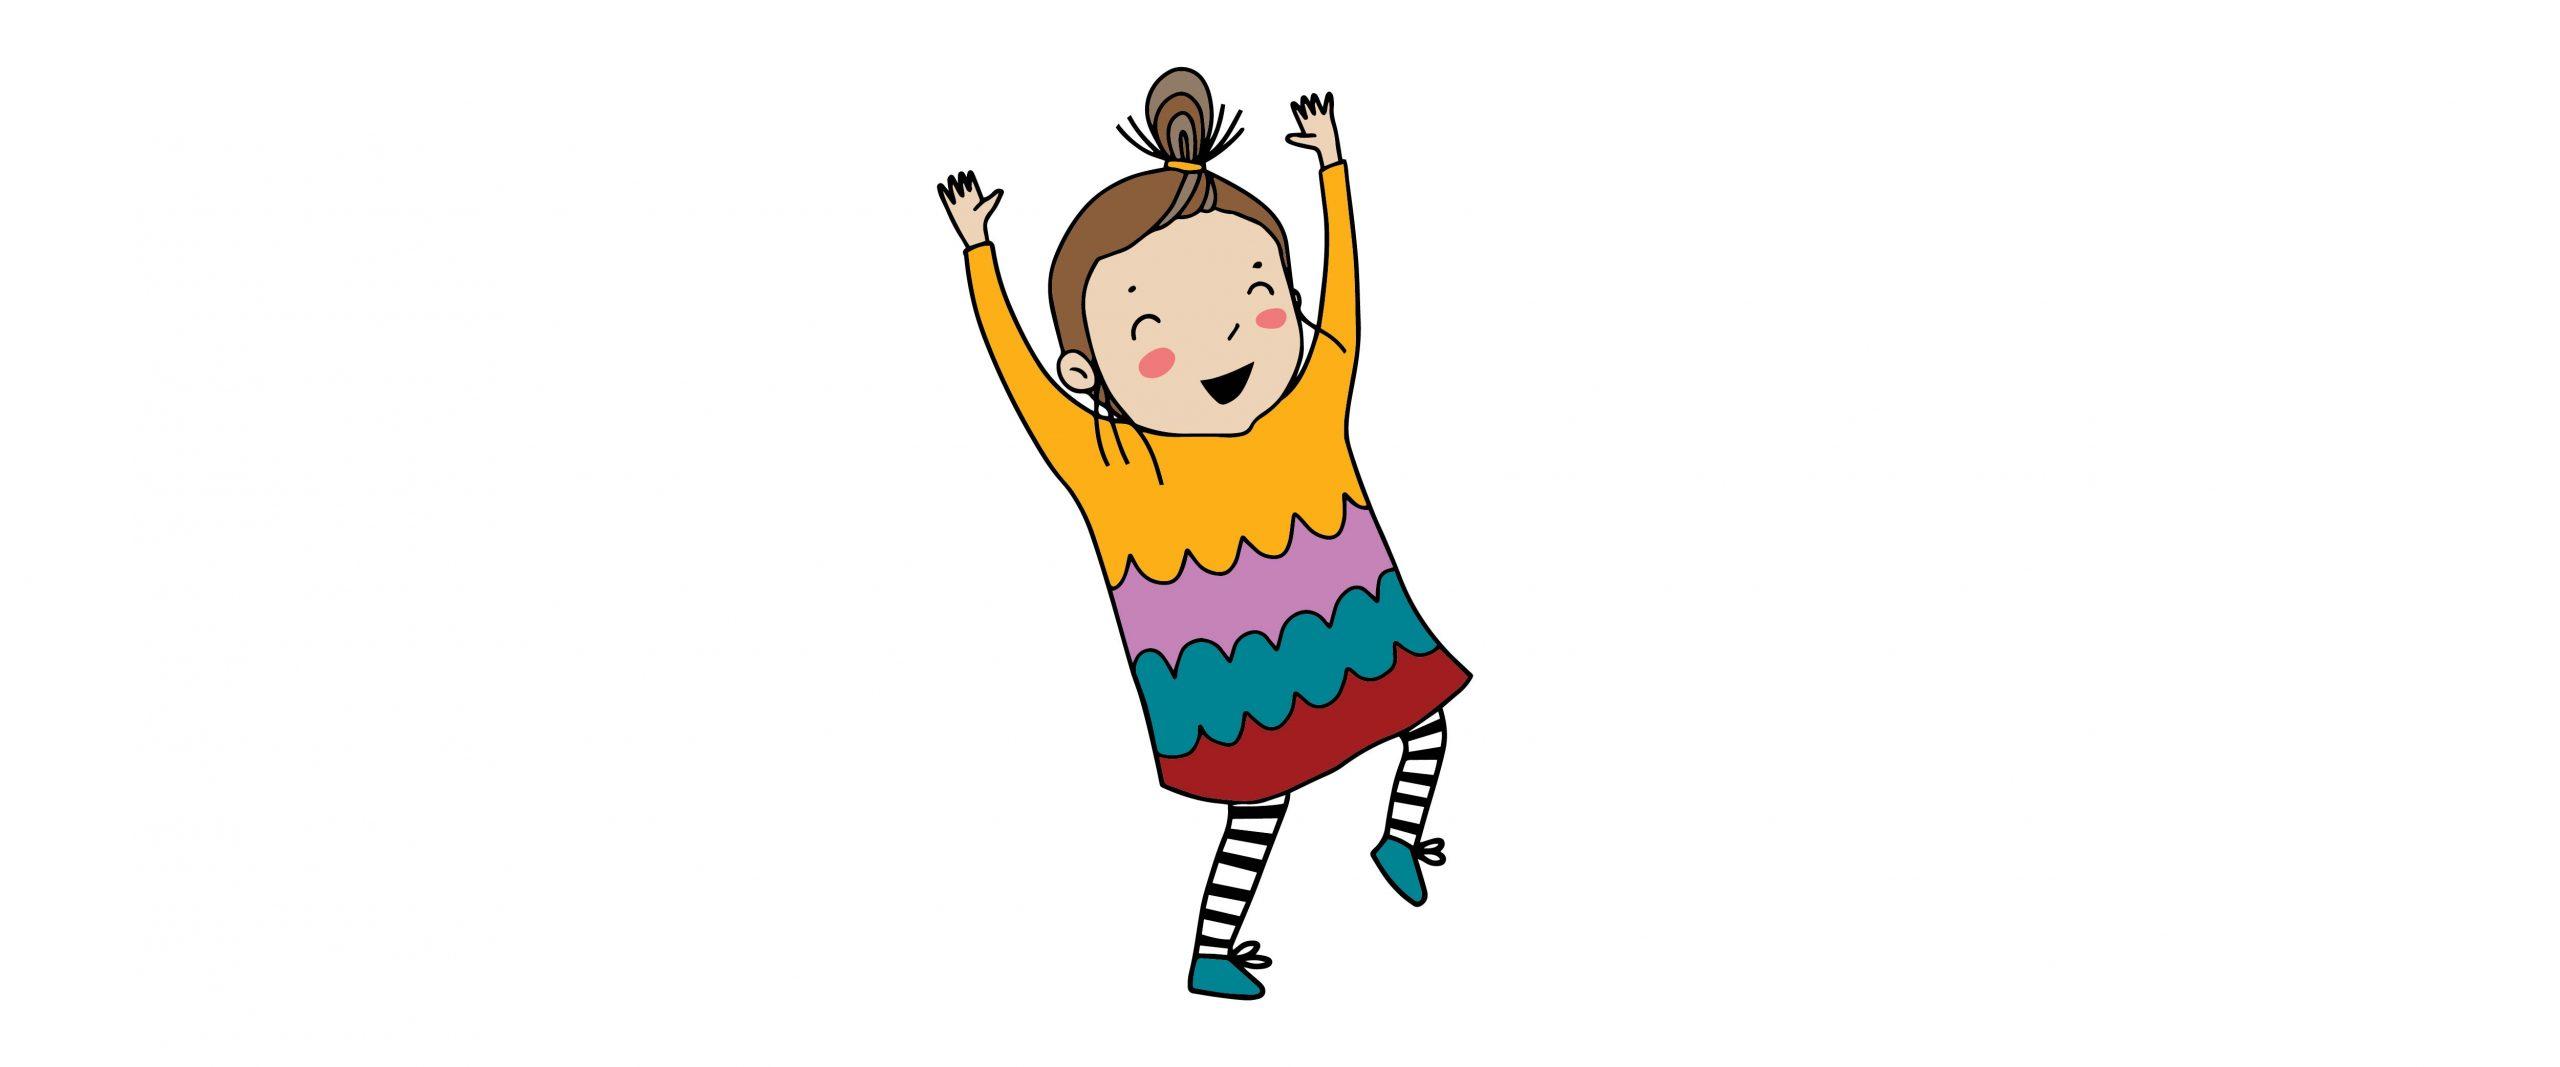 Ilmoittautuminen Valtakunnallisille lastensuojelupäiville® 2021 alkaa 31.5.